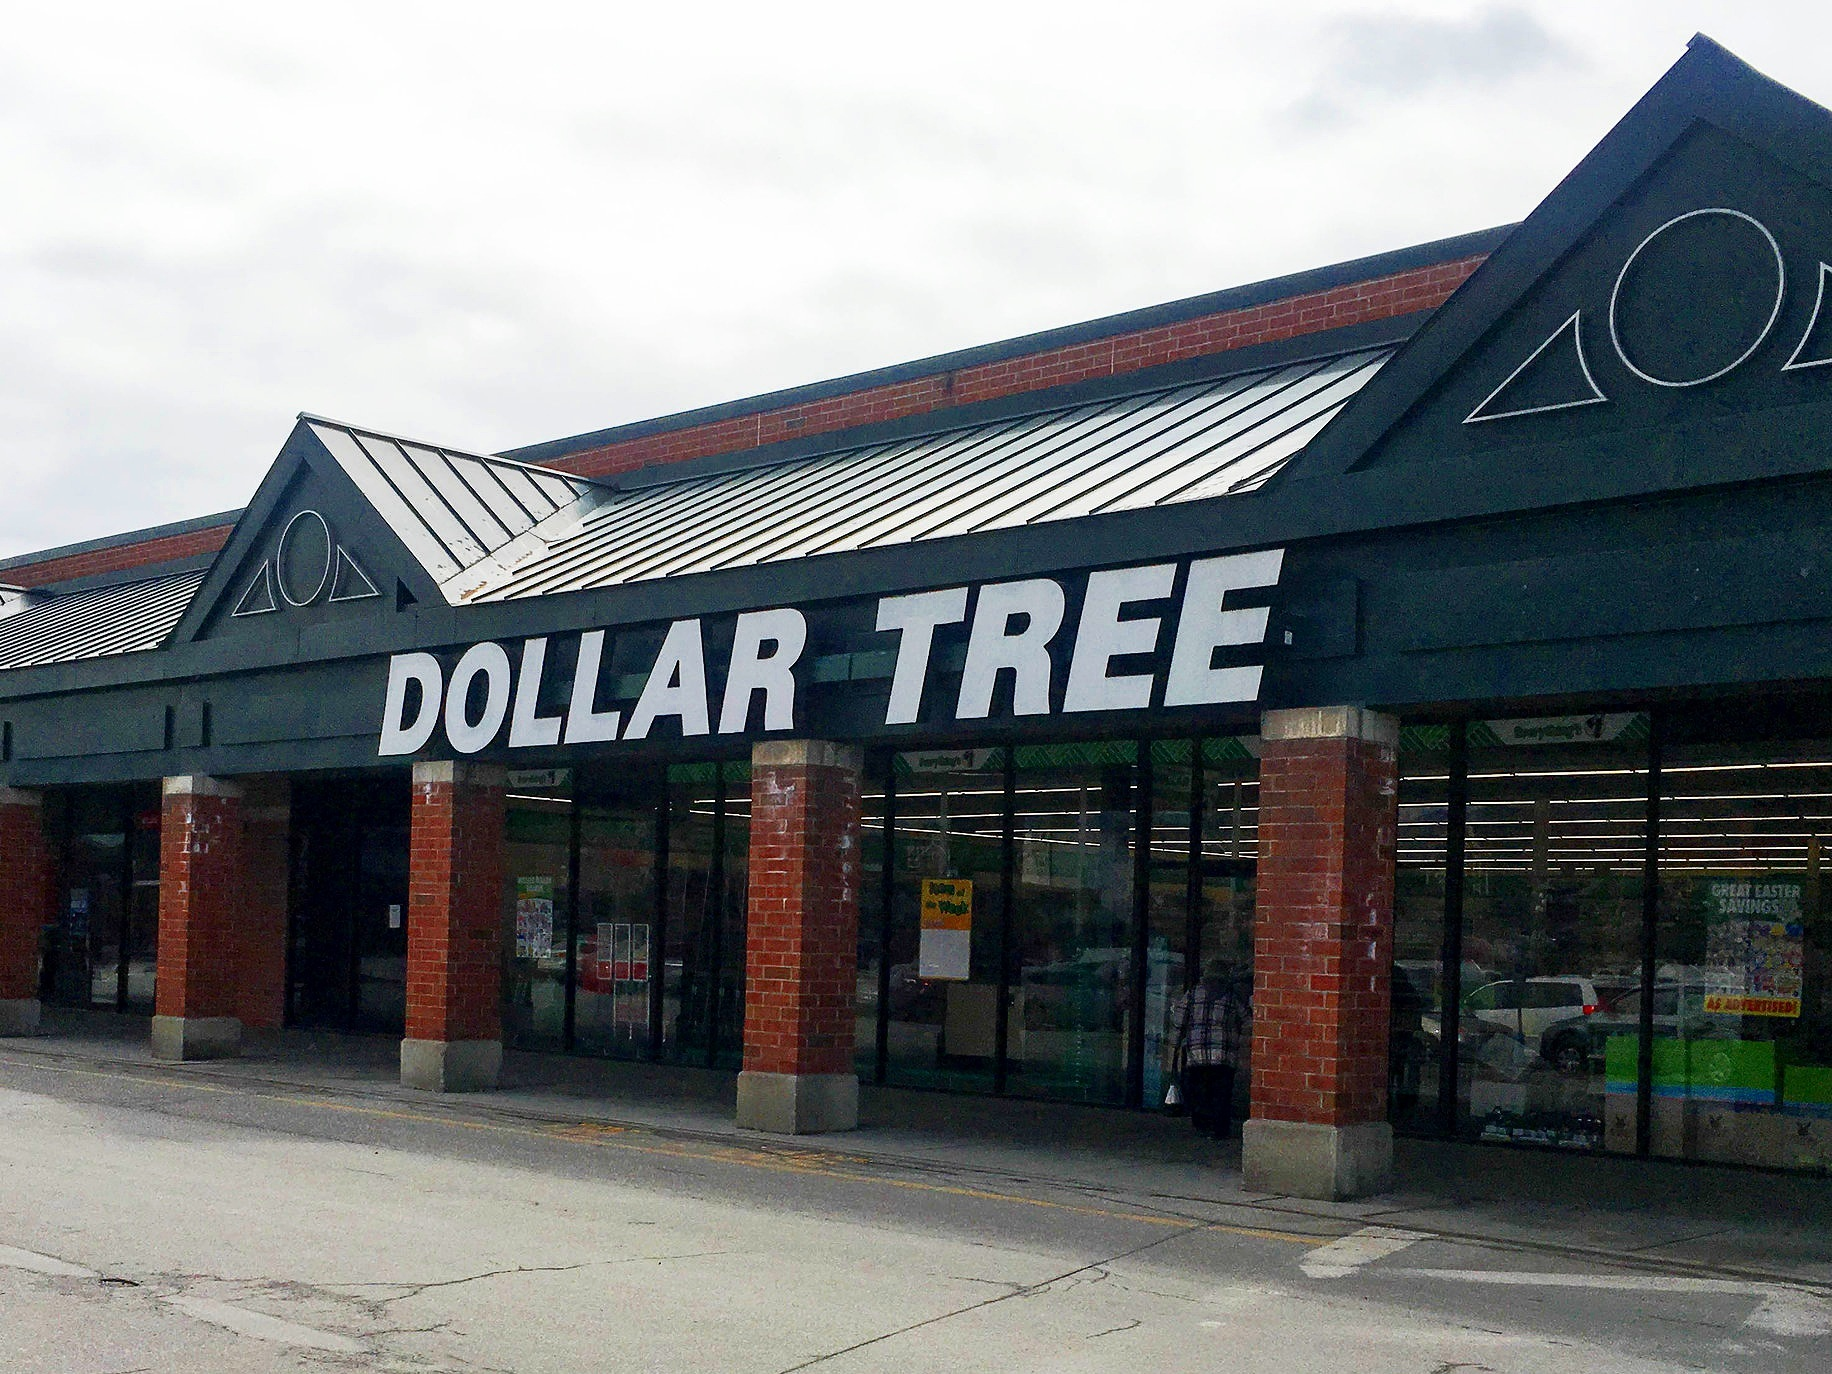 dollartree_exterior-1.jpg